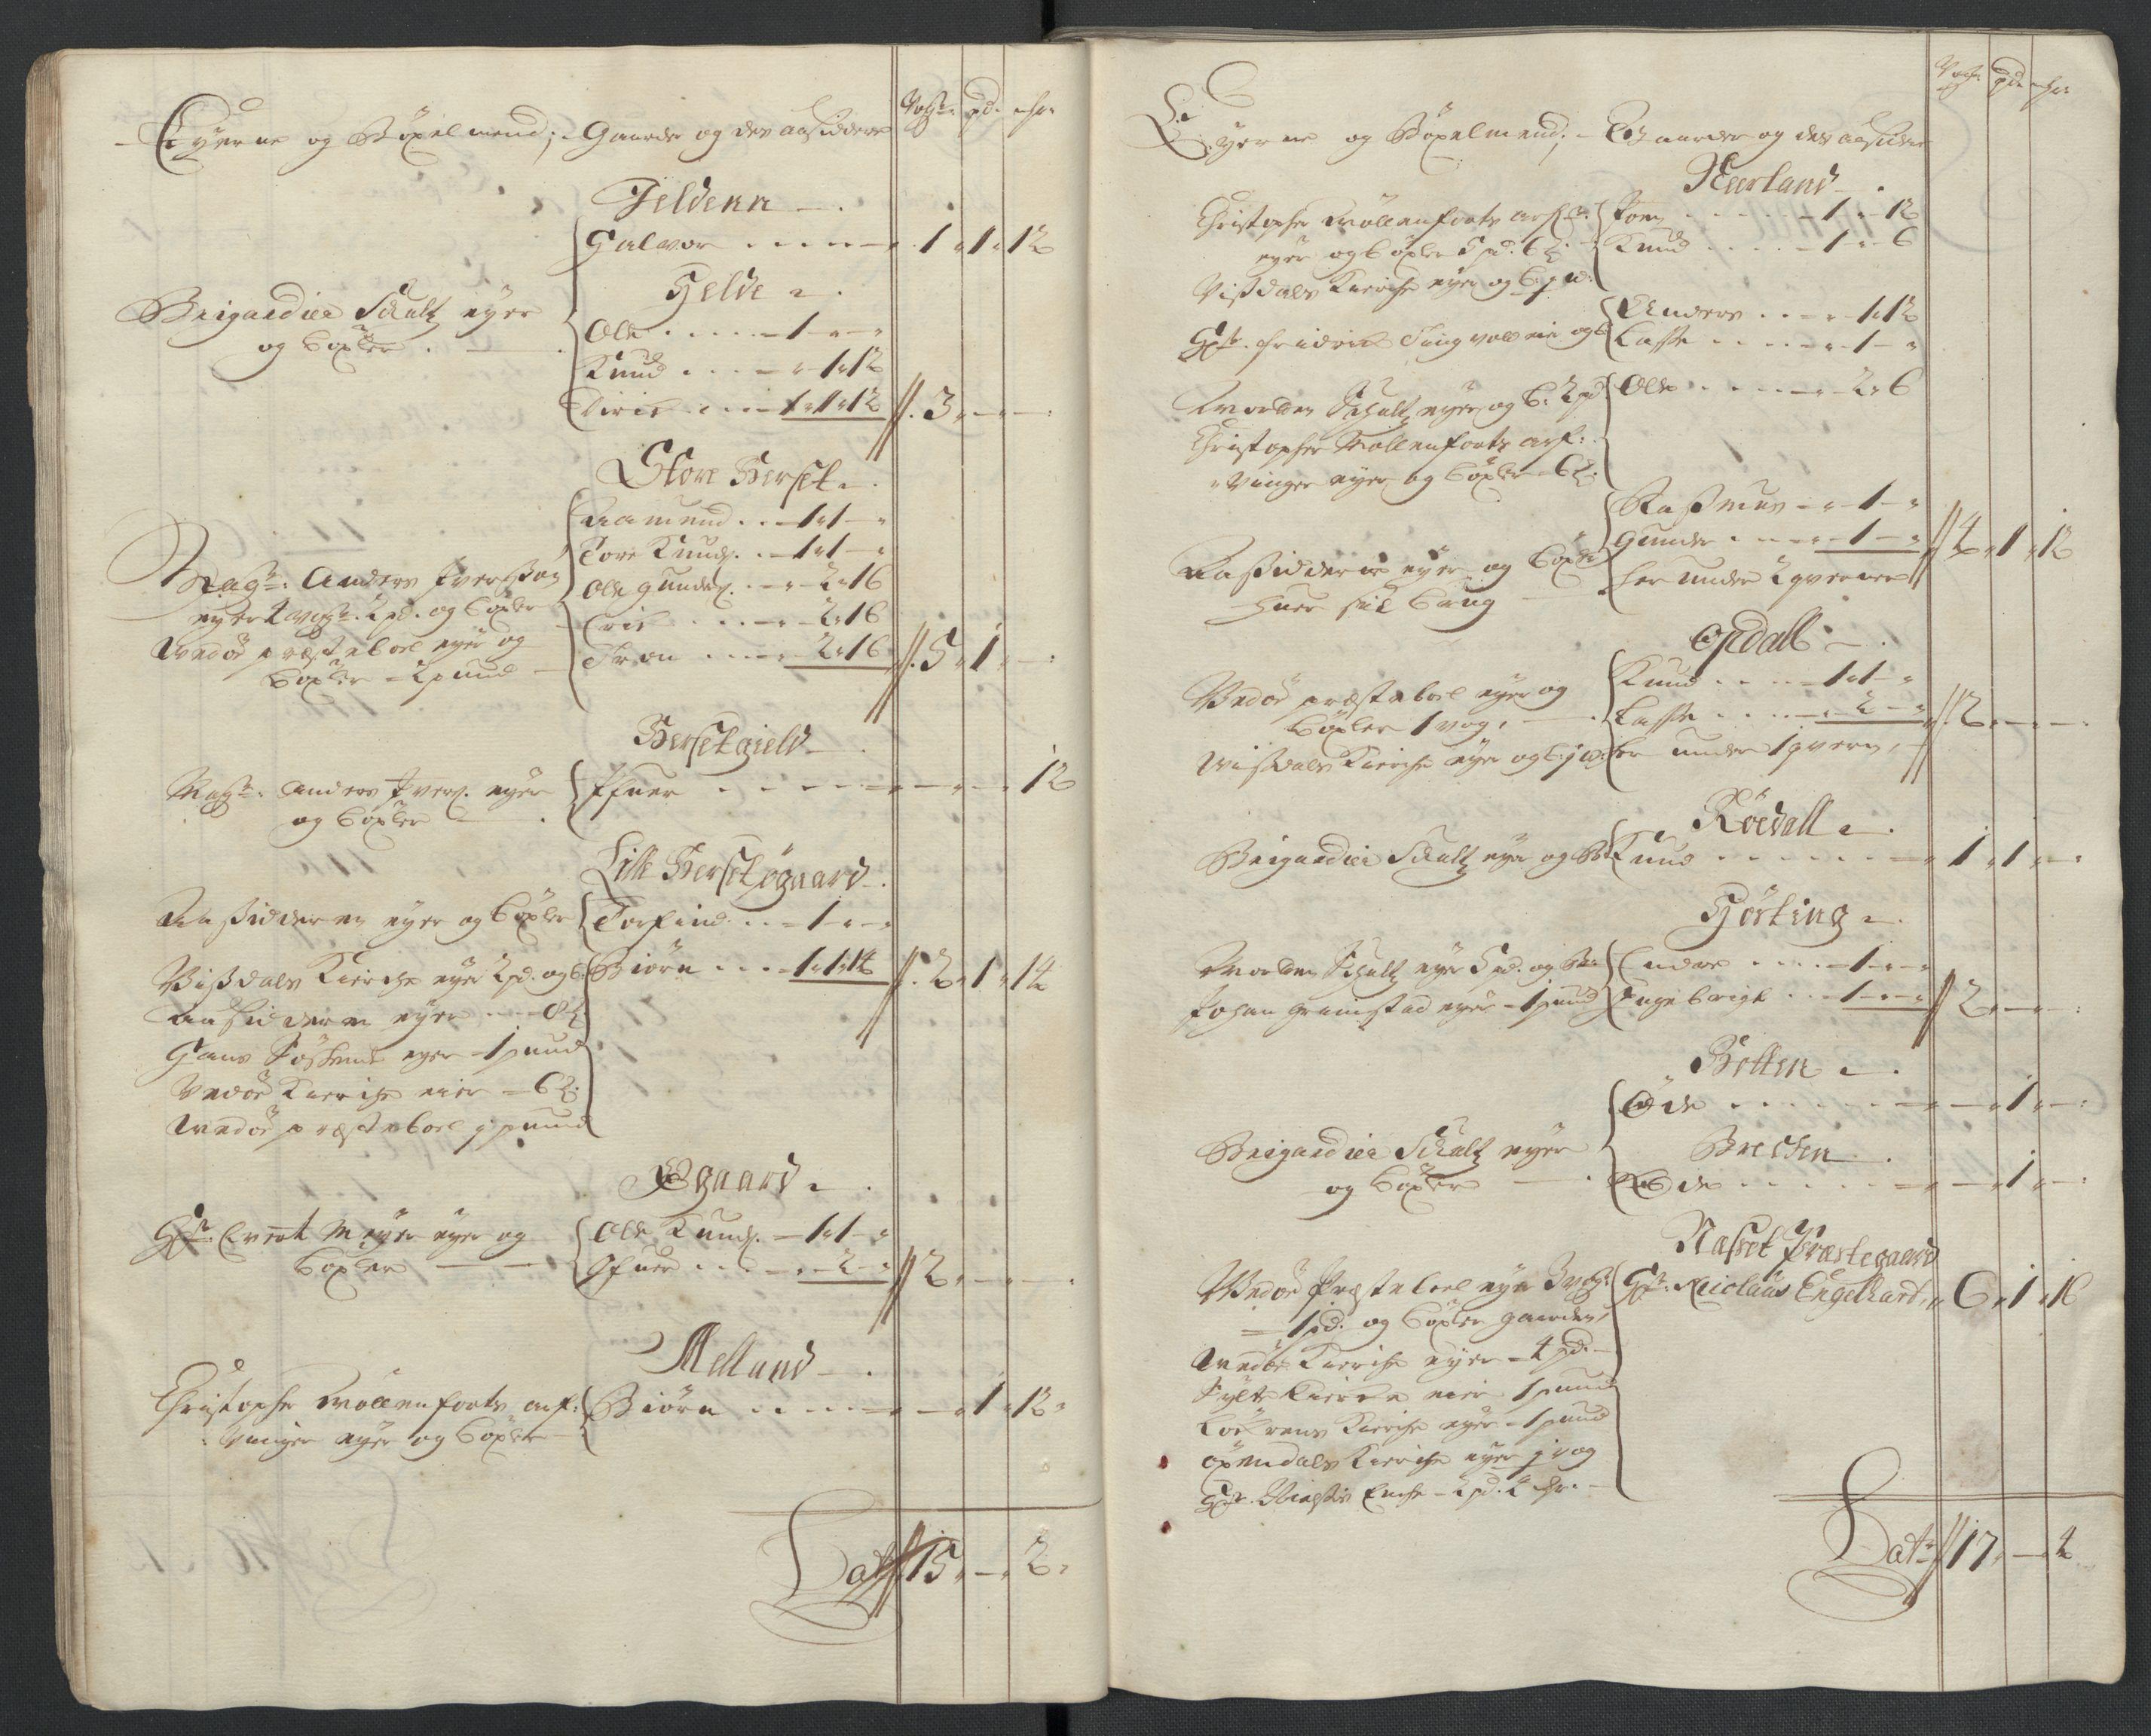 RA, Rentekammeret inntil 1814, Reviderte regnskaper, Fogderegnskap, R55/L3656: Fogderegnskap Romsdal, 1703-1705, s. 379